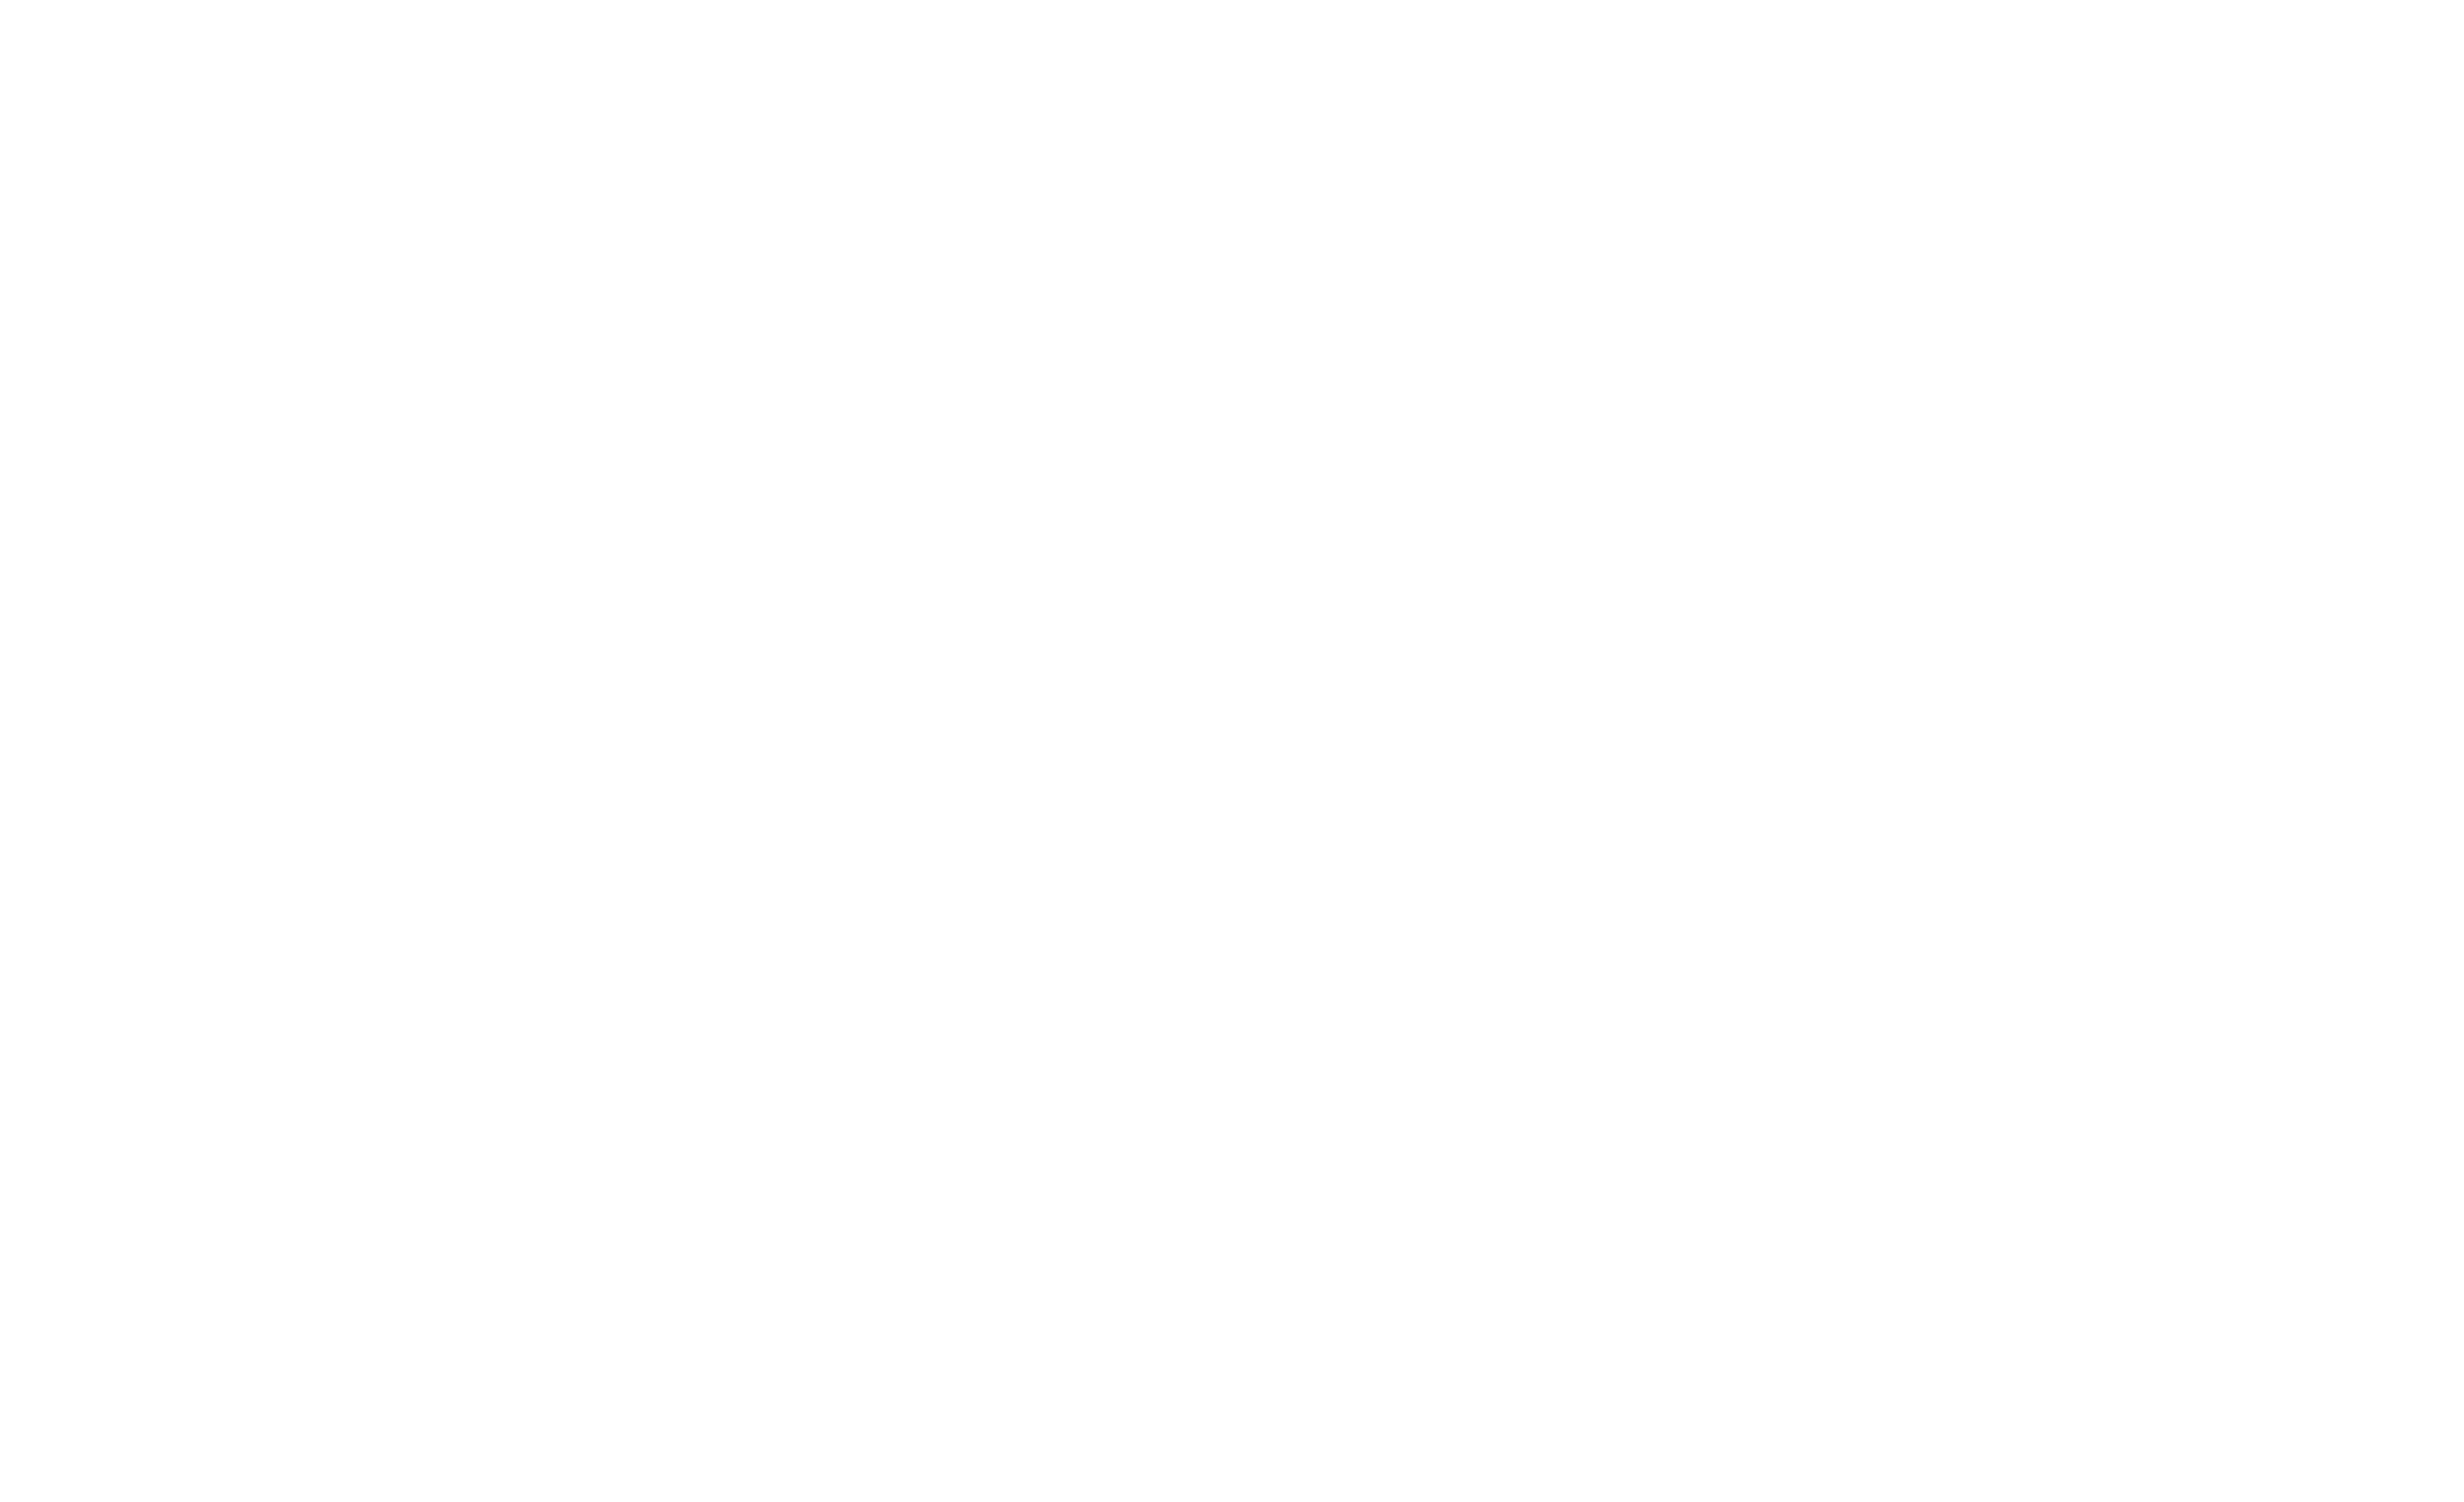 Findtalent.vn